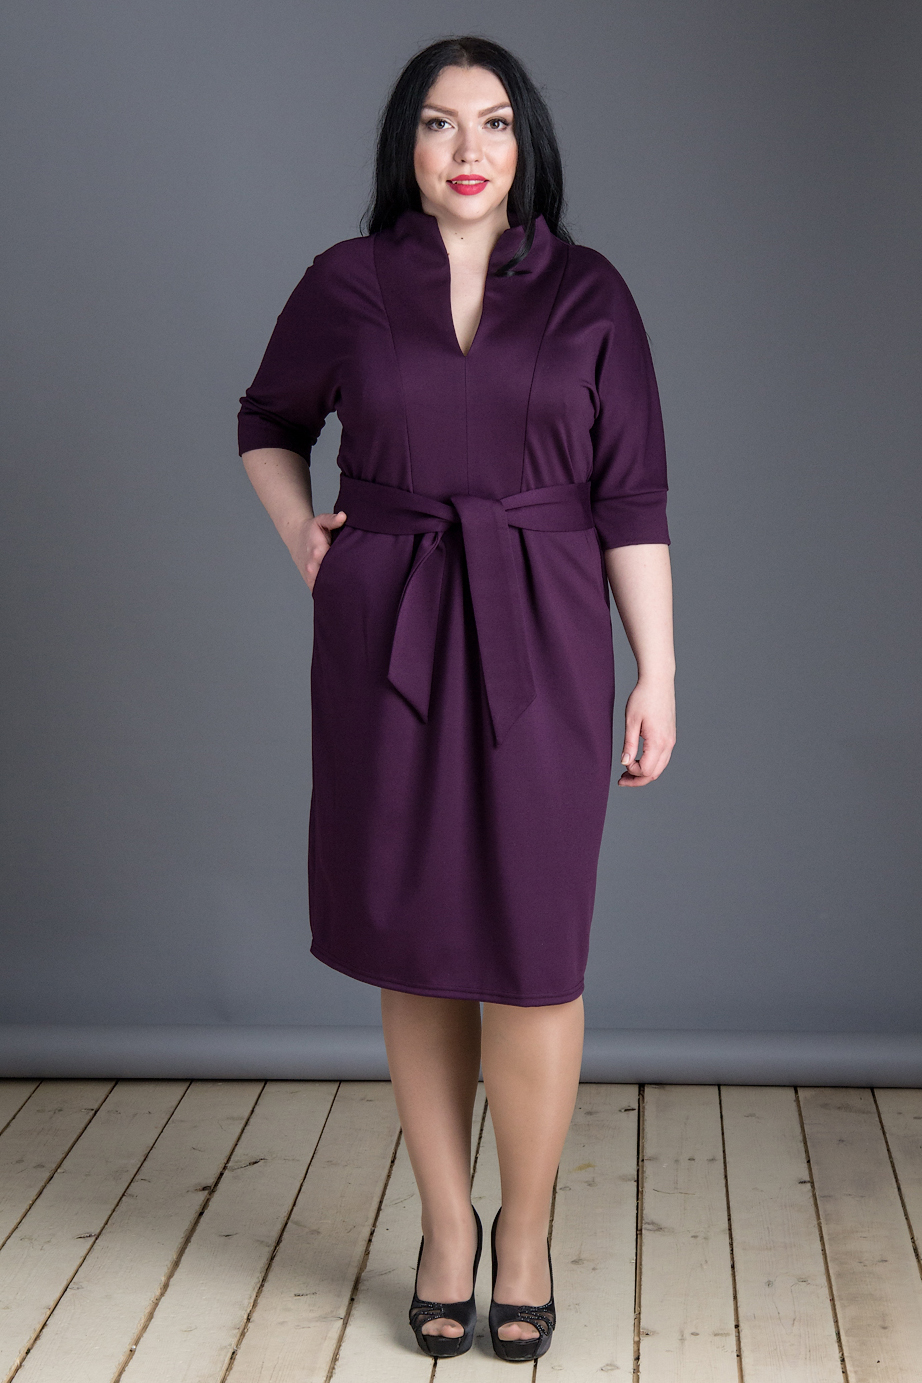 ПлатьеПлатья<br>Роскошное платье с V-образной горловиной и рукавами 3/4. Модель выполнена из приятного трикотажа. Отличный выбор для любого случая. Платье без пояса.  В изделии использованы цвета: темно-лиловый  Длина изделия: 50 размер - 108 см 52 размер - 109 см 54 размер - 110 см 56 размер - 111 см  Рост девушки-фотомодели 175 см.<br><br>Горловина: V- горловина<br>По длине: Ниже колена<br>По материалу: Трикотаж<br>По рисунку: Однотонные<br>По силуэту: Полуприталенные<br>По стилю: Кэжуал,Офисный стиль,Повседневный стиль<br>По элементам: С разрезом<br>Разрез: Короткий,Шлица<br>Рукав: Рукав три четверти<br>По сезону: Осень,Весна<br>Размер : 50,52,54,56<br>Материал: Трикотаж<br>Количество в наличии: 11